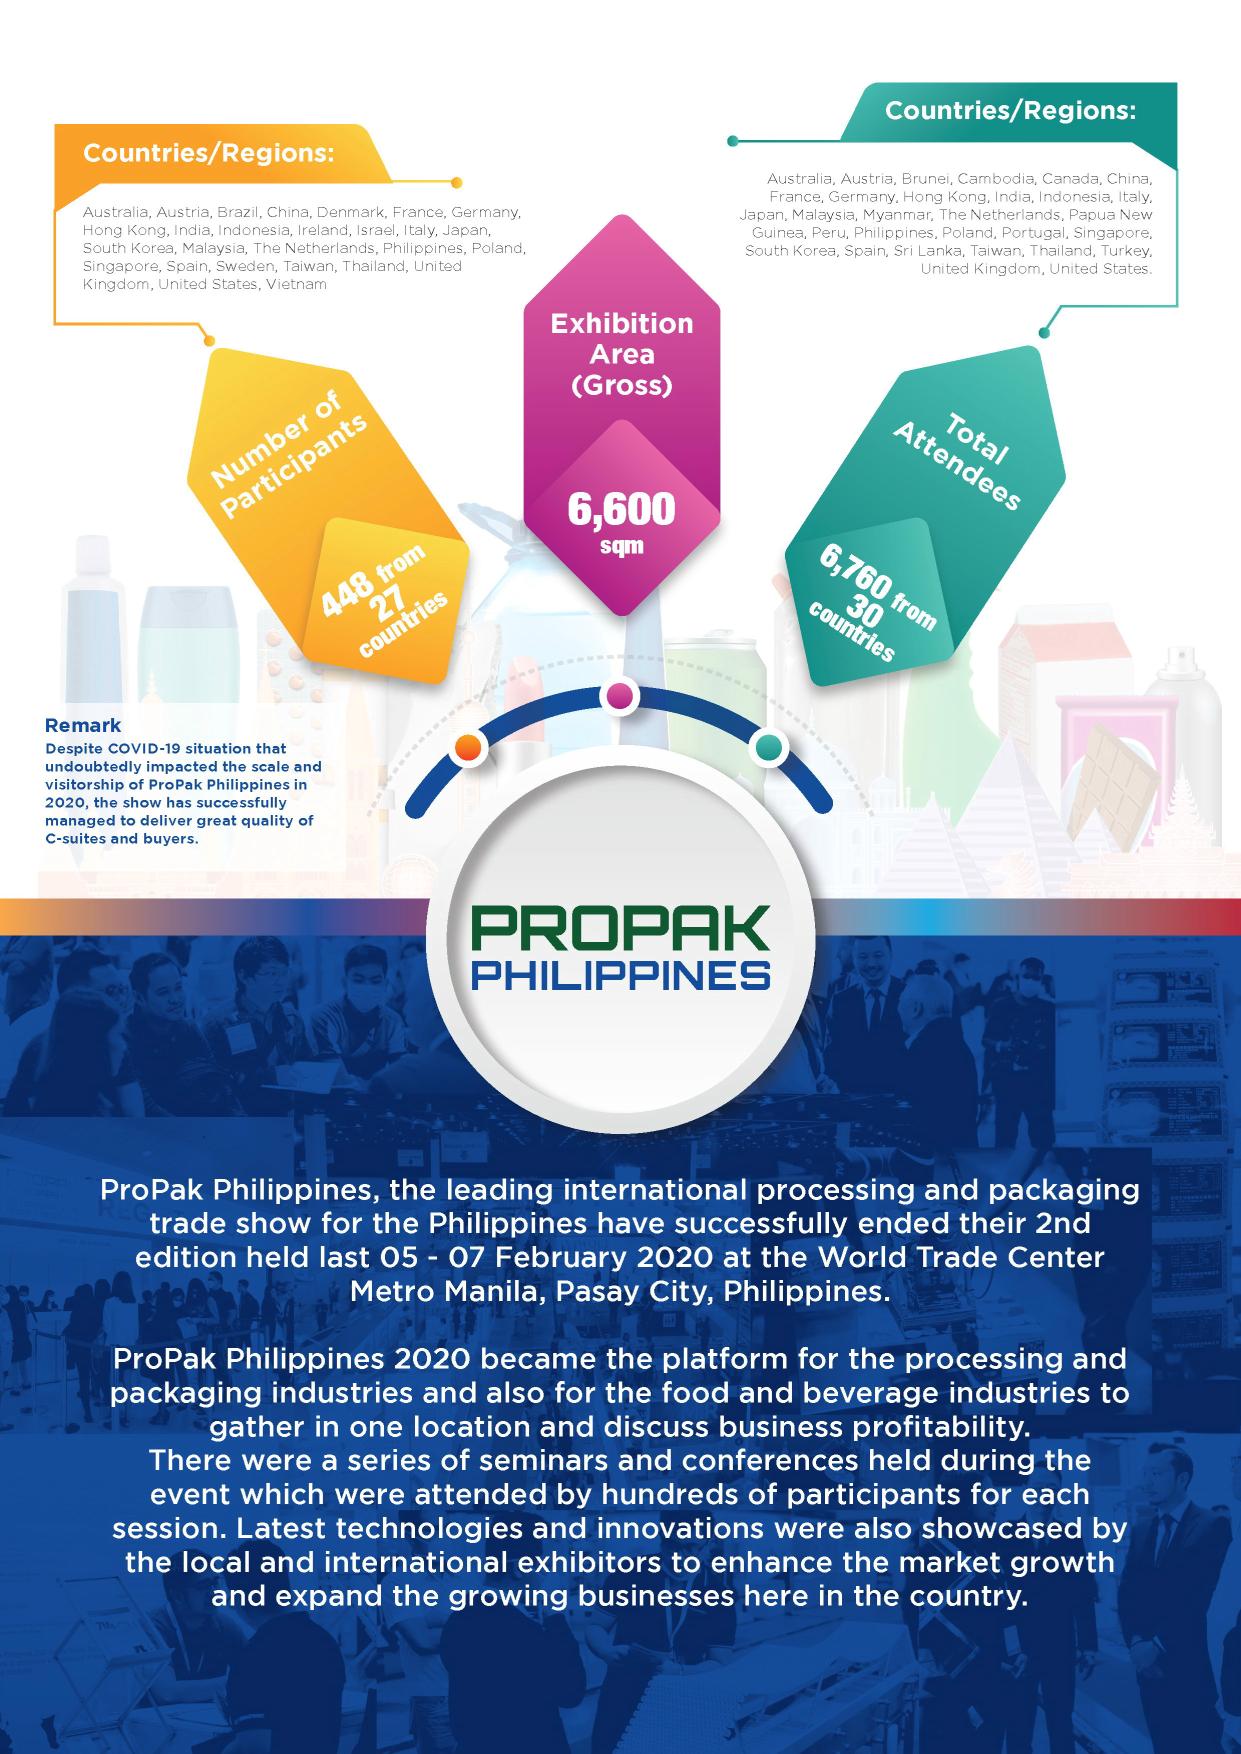 菲律賓馬尼拉包裝展覽會ProPak Philippines